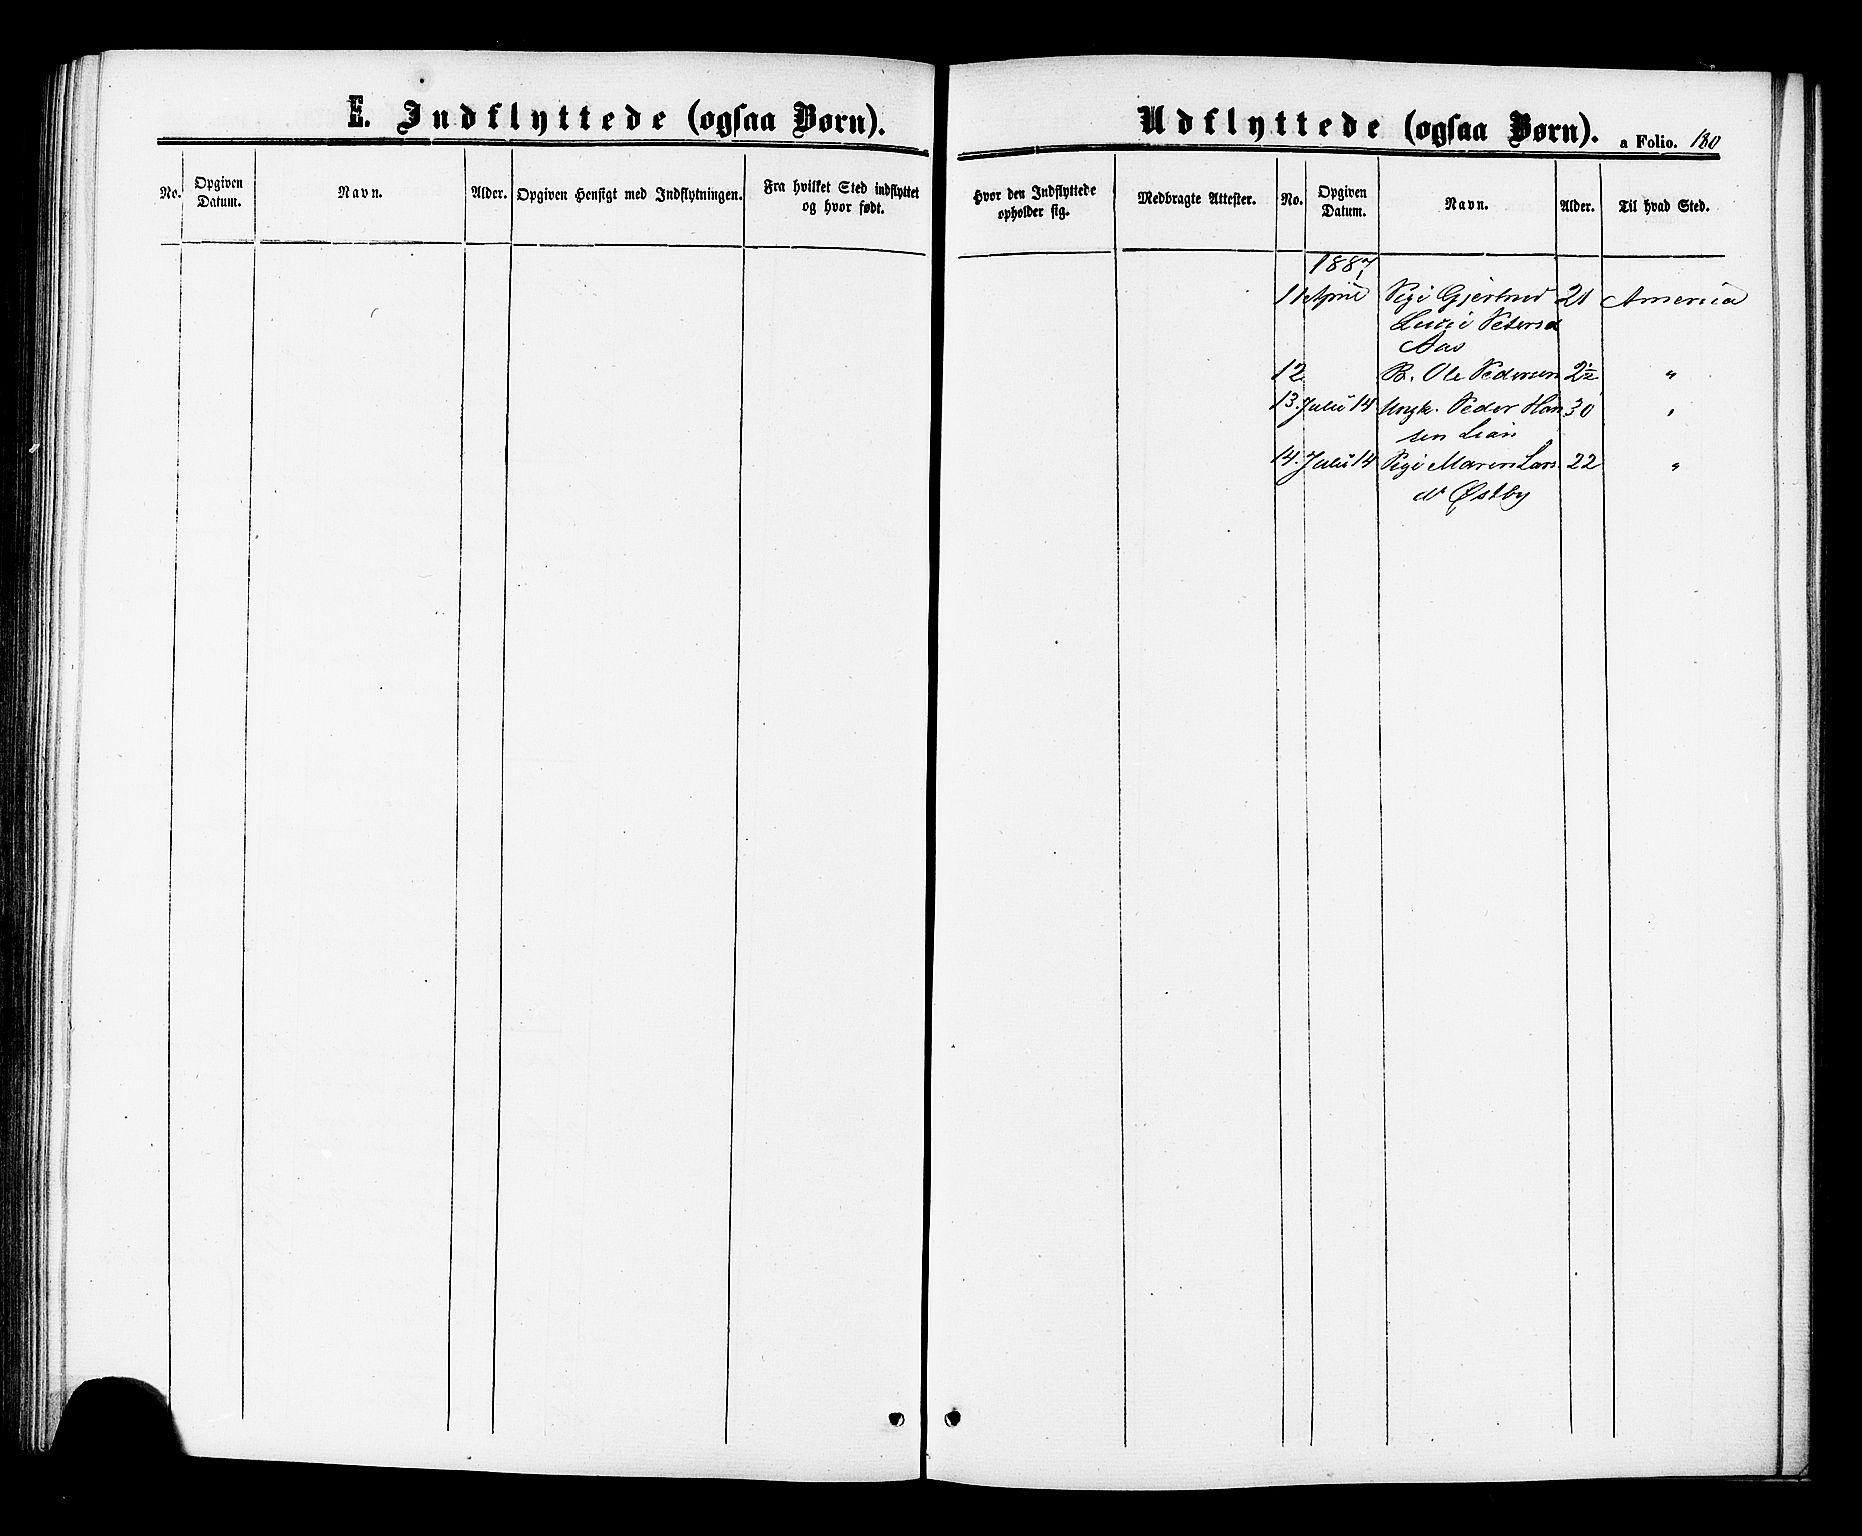 SAT, Ministerialprotokoller, klokkerbøker og fødselsregistre - Sør-Trøndelag, 698/L1163: Ministerialbok nr. 698A01, 1862-1887, s. 180